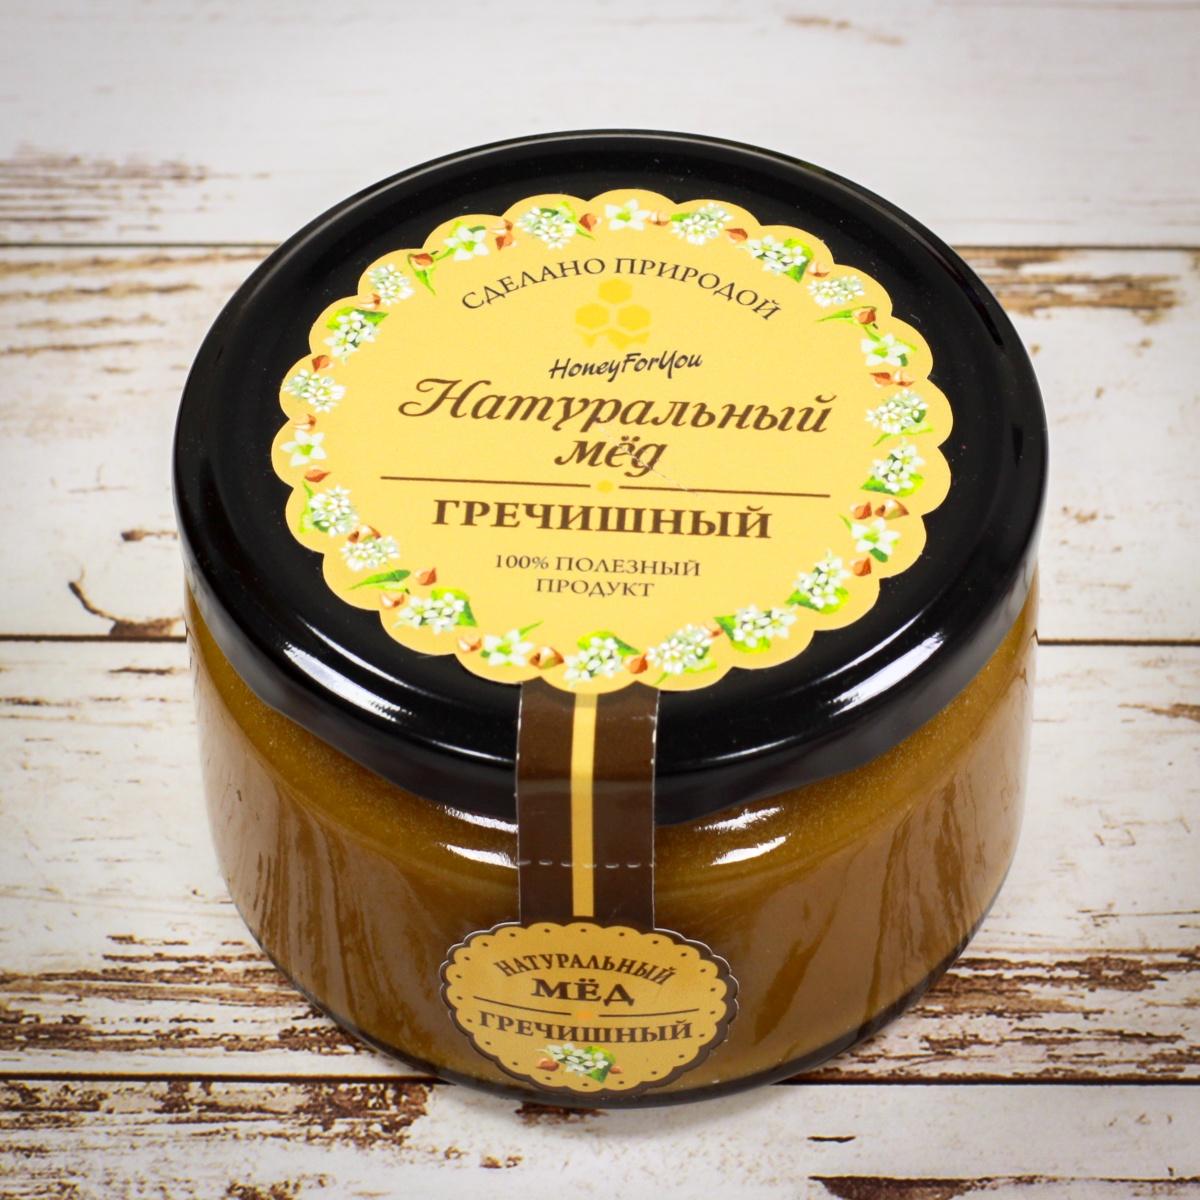 Натуральный гречишный мёд HoneyForYou